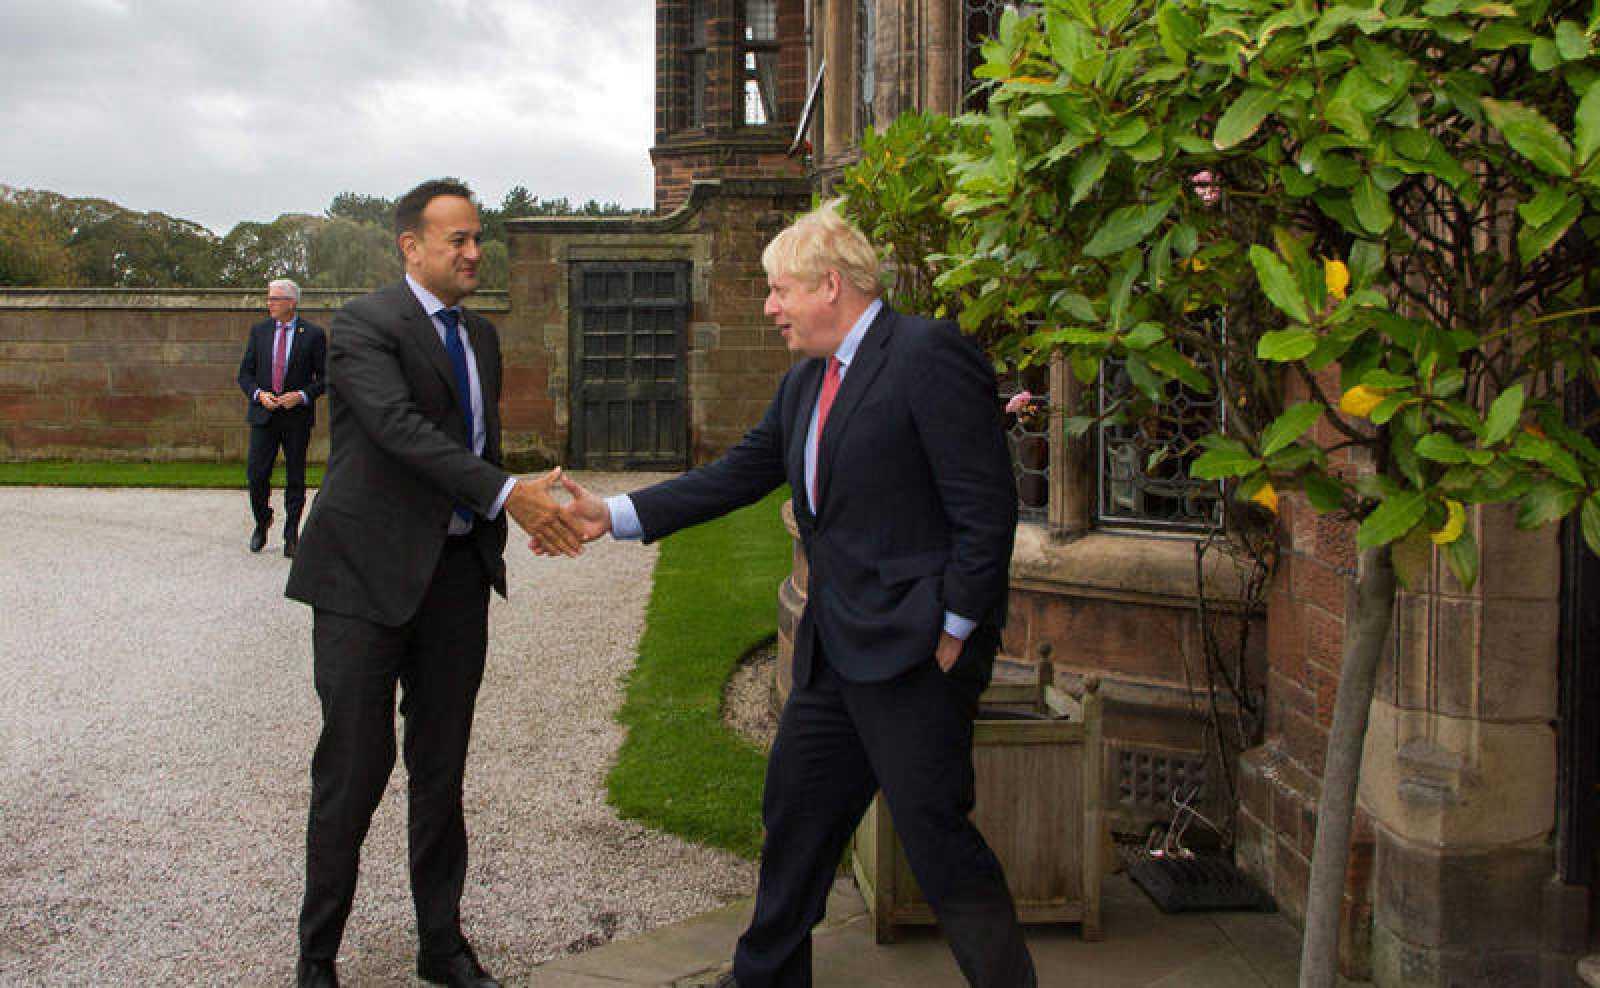 El primer ministro de Gran Bretaña, Boris Johnson, saluda a su homólogo, el primer ministro de Irlanda, Leo Varadkar en las afueras del hotel Thornton Manor, cerca de Birkenhead, en el noroeste de Inglaterra.